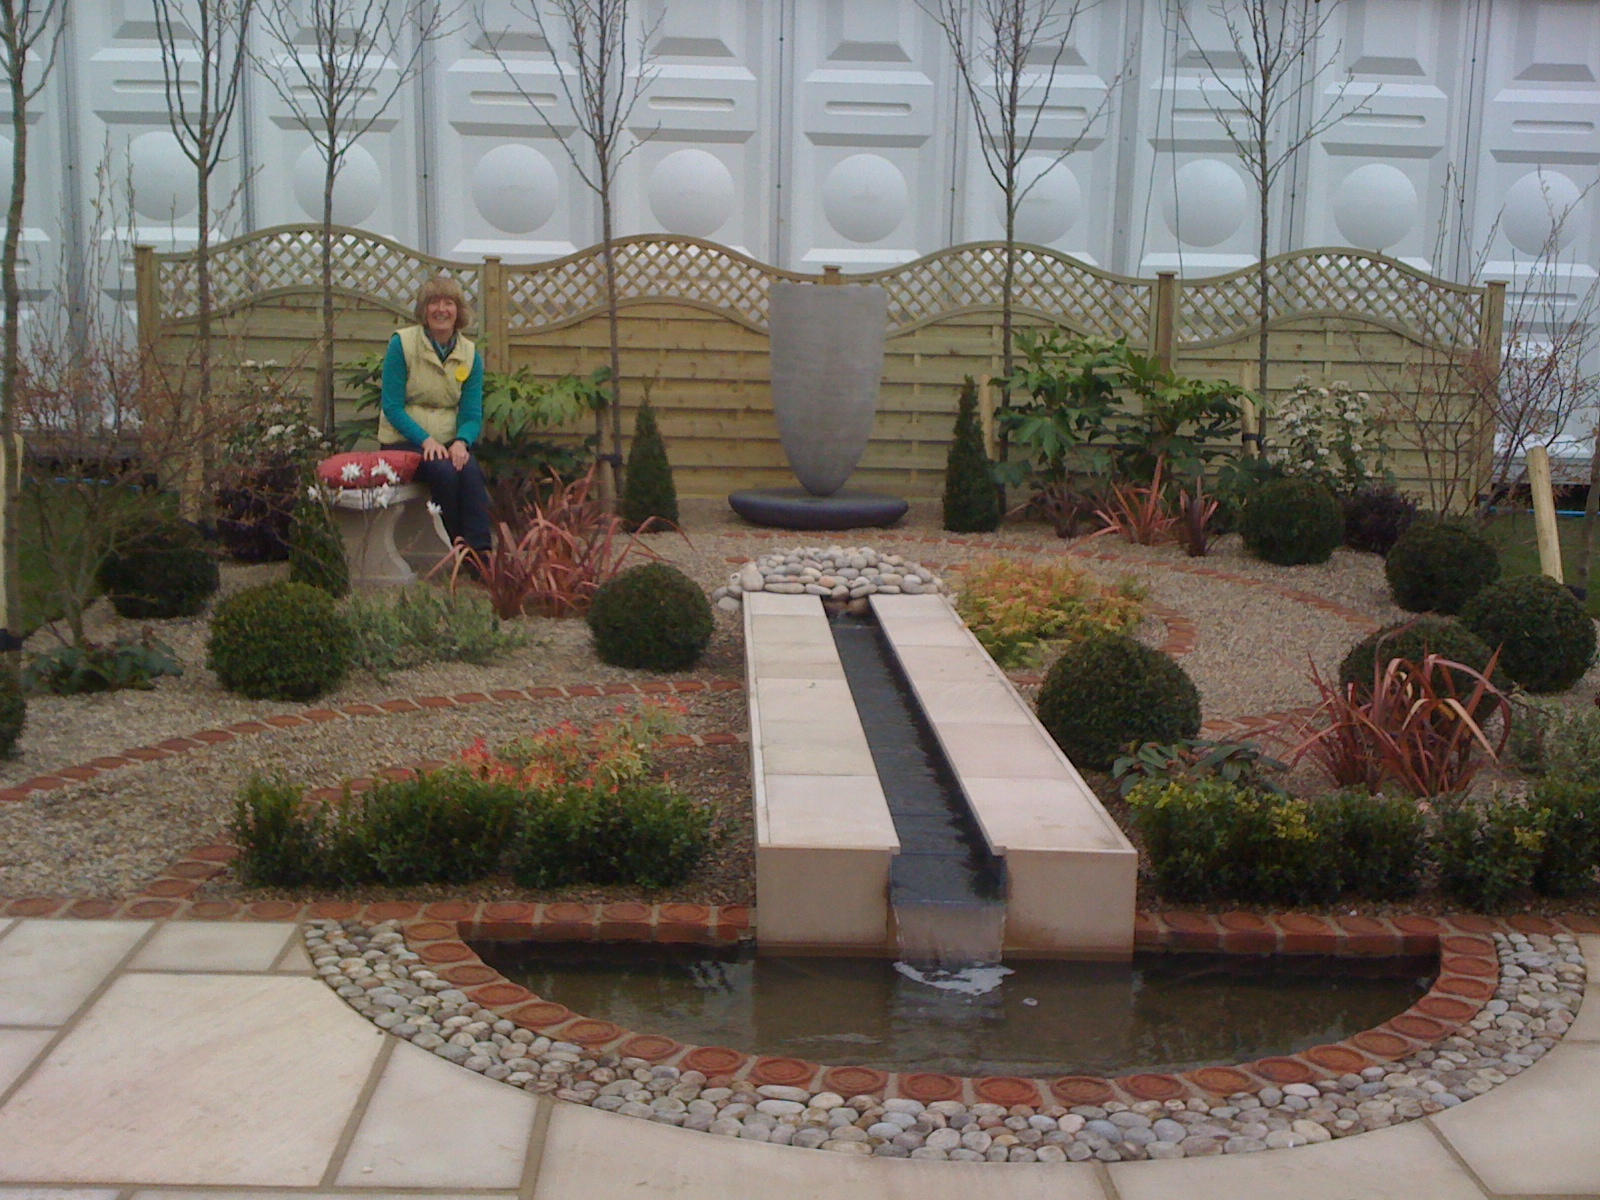 Harrogate spring flower show award a yorkshire garden for Garden design harrogate